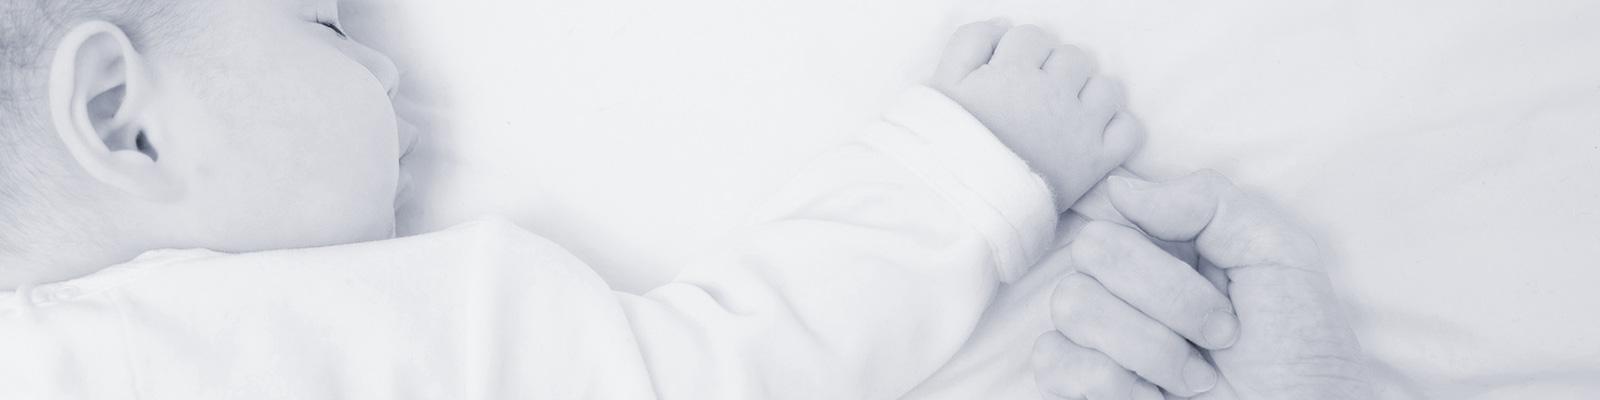 幼児 睡眠 見守り イメージ